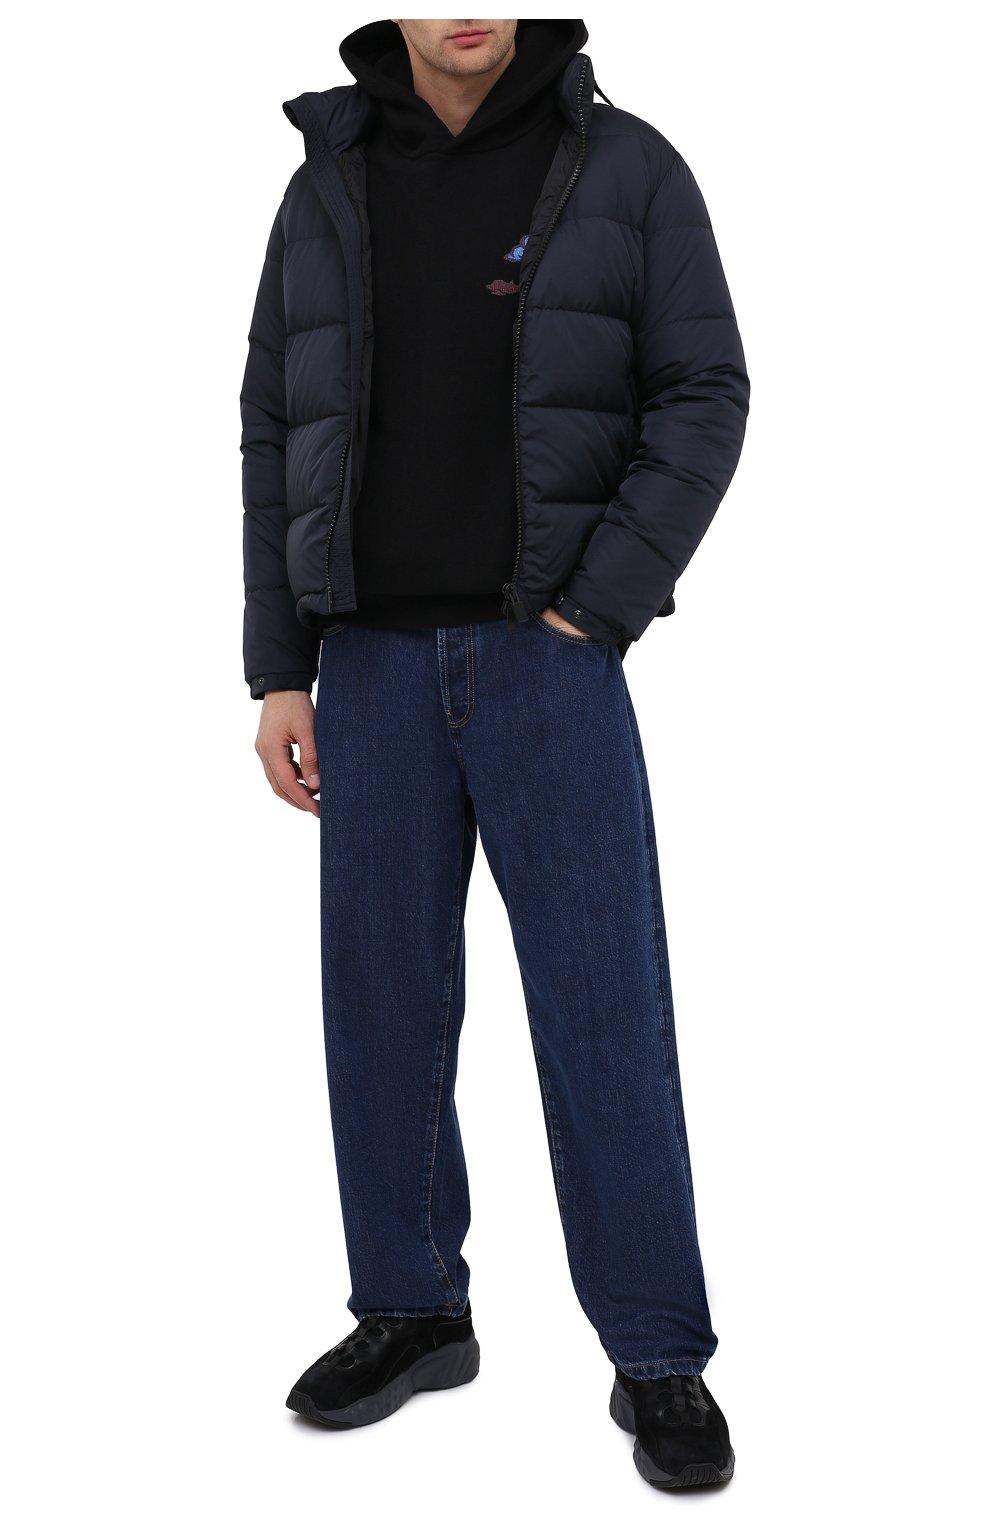 Мужская пуховая куртка ASPESI темно-синего цвета, арт. W0 I I018 7954 | Фото 2 (Кросс-КТ: Куртка, Пуховик; Мужское Кросс-КТ: пуховик-короткий, Пуховик-верхняя одежда, Верхняя одежда; Рукава: Длинные; Материал внешний: Синтетический материал; Материал подклада: Синтетический материал; Длина (верхняя одежда): Короткие; Стили: Кэжуэл)